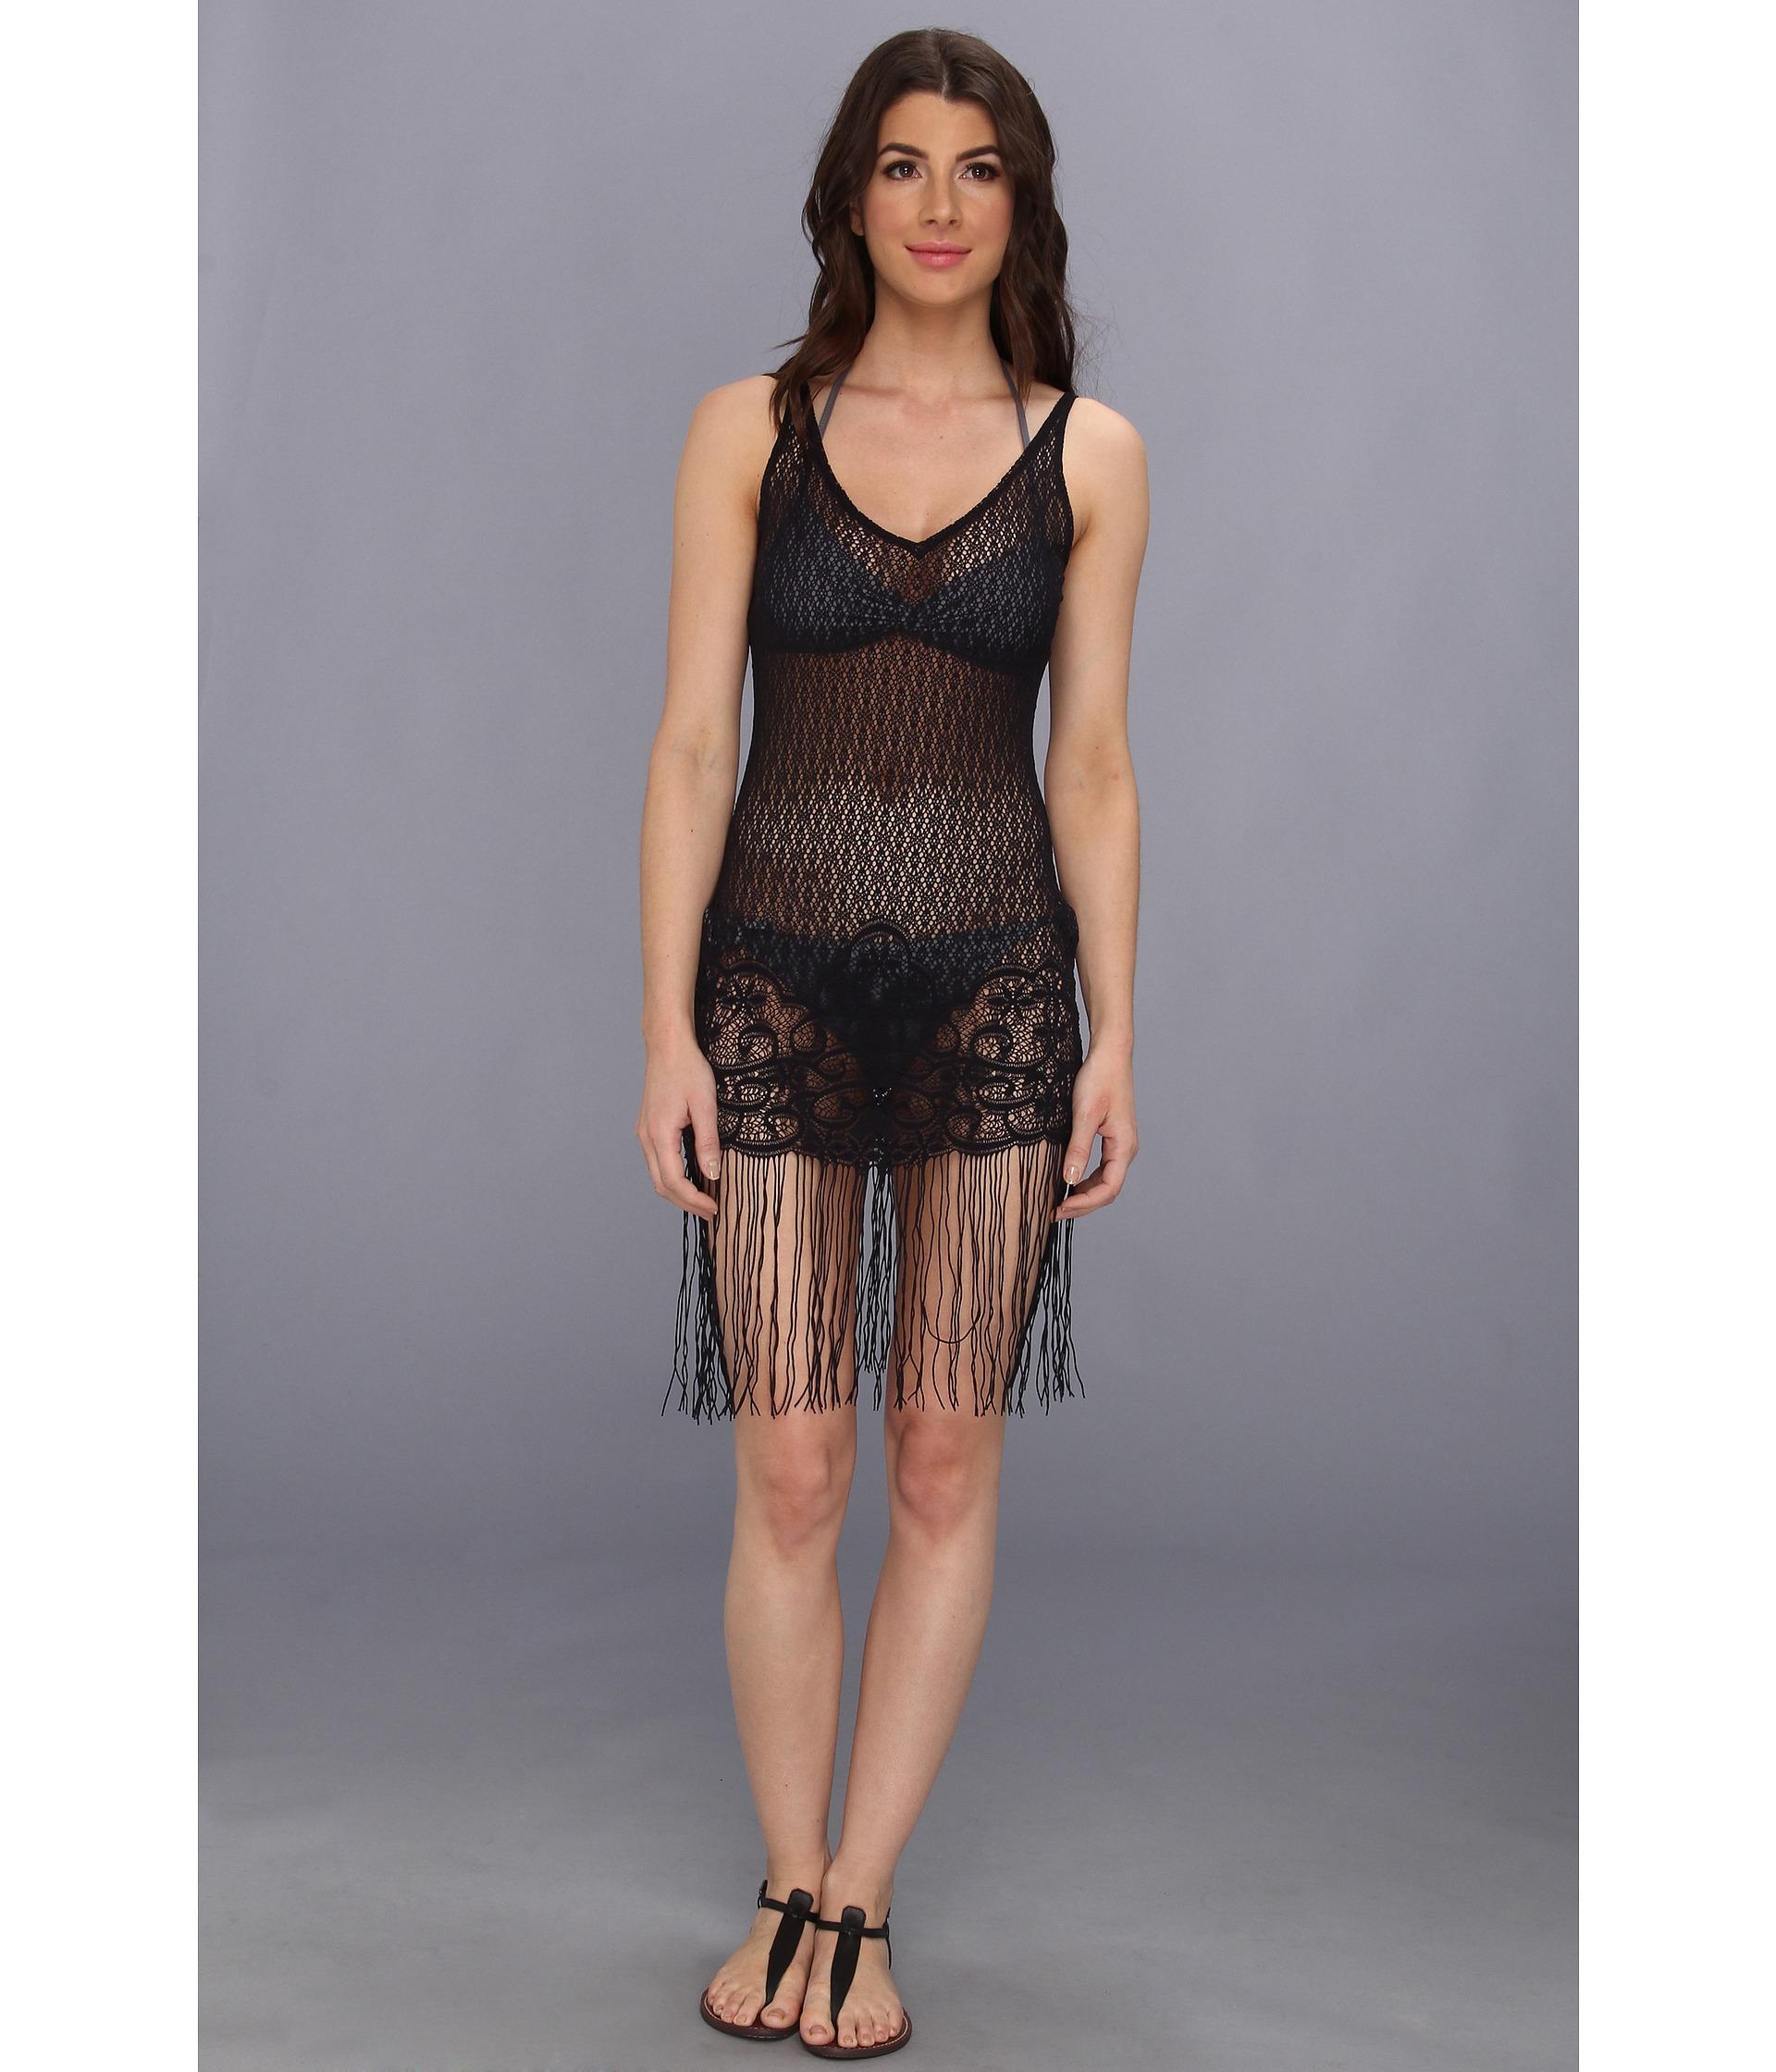 Luli Fama Flirty Fringe Dress Cover Up Black